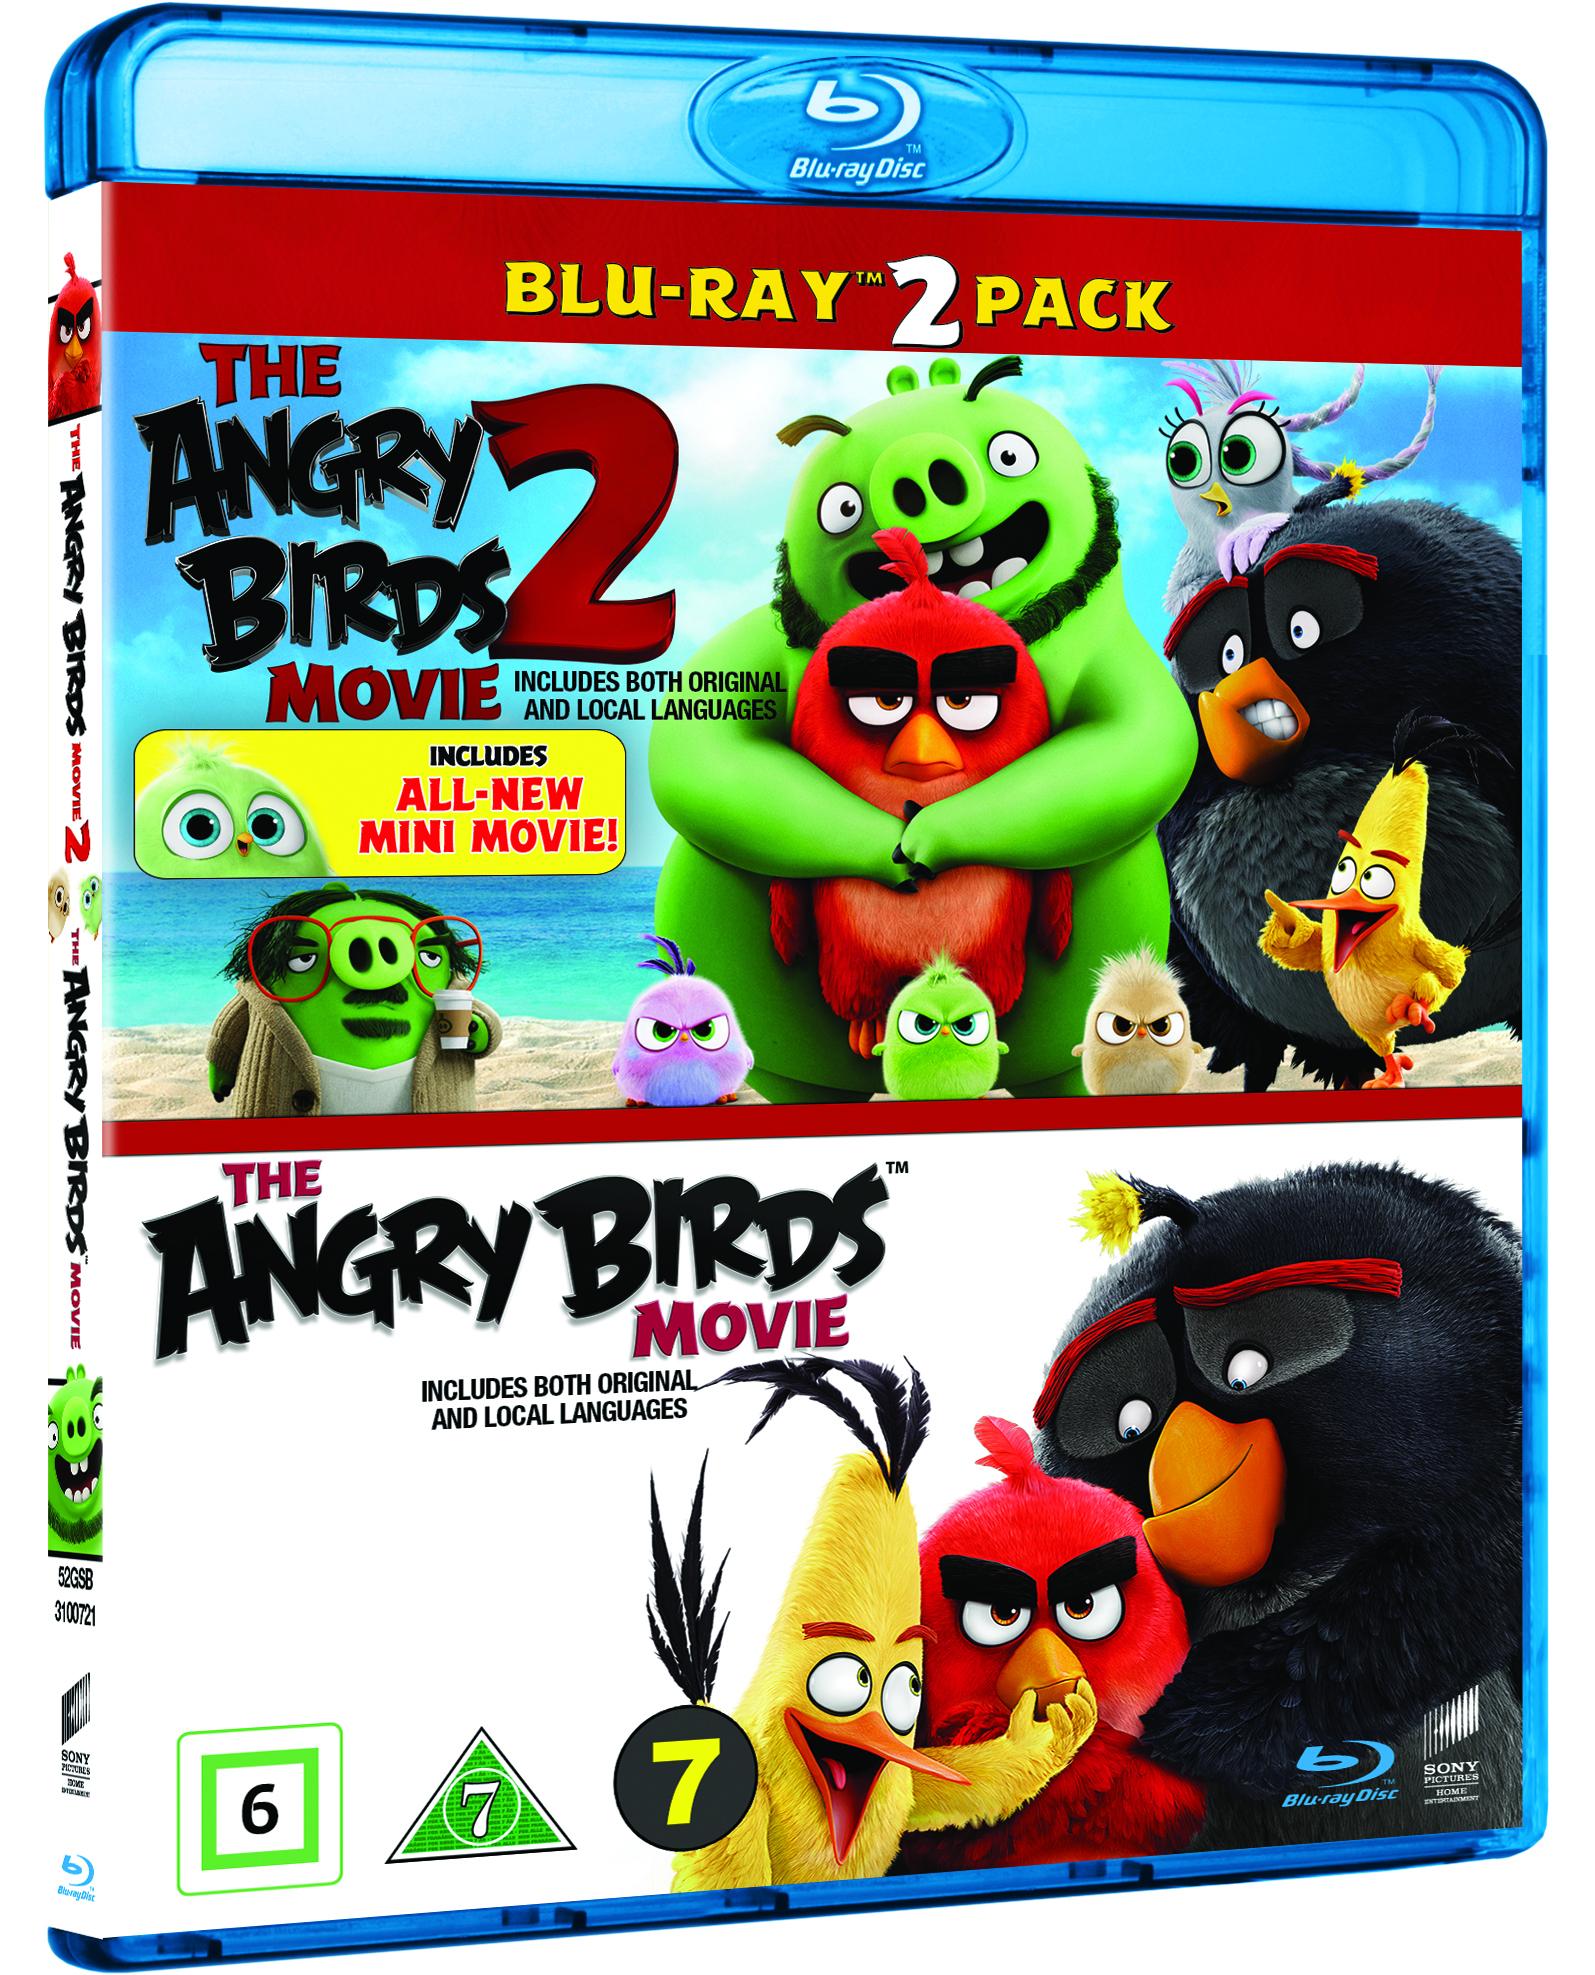 Angry Birds Movie 1+2 Box -  - Film -  - 7330031007215 - 30/1-2020